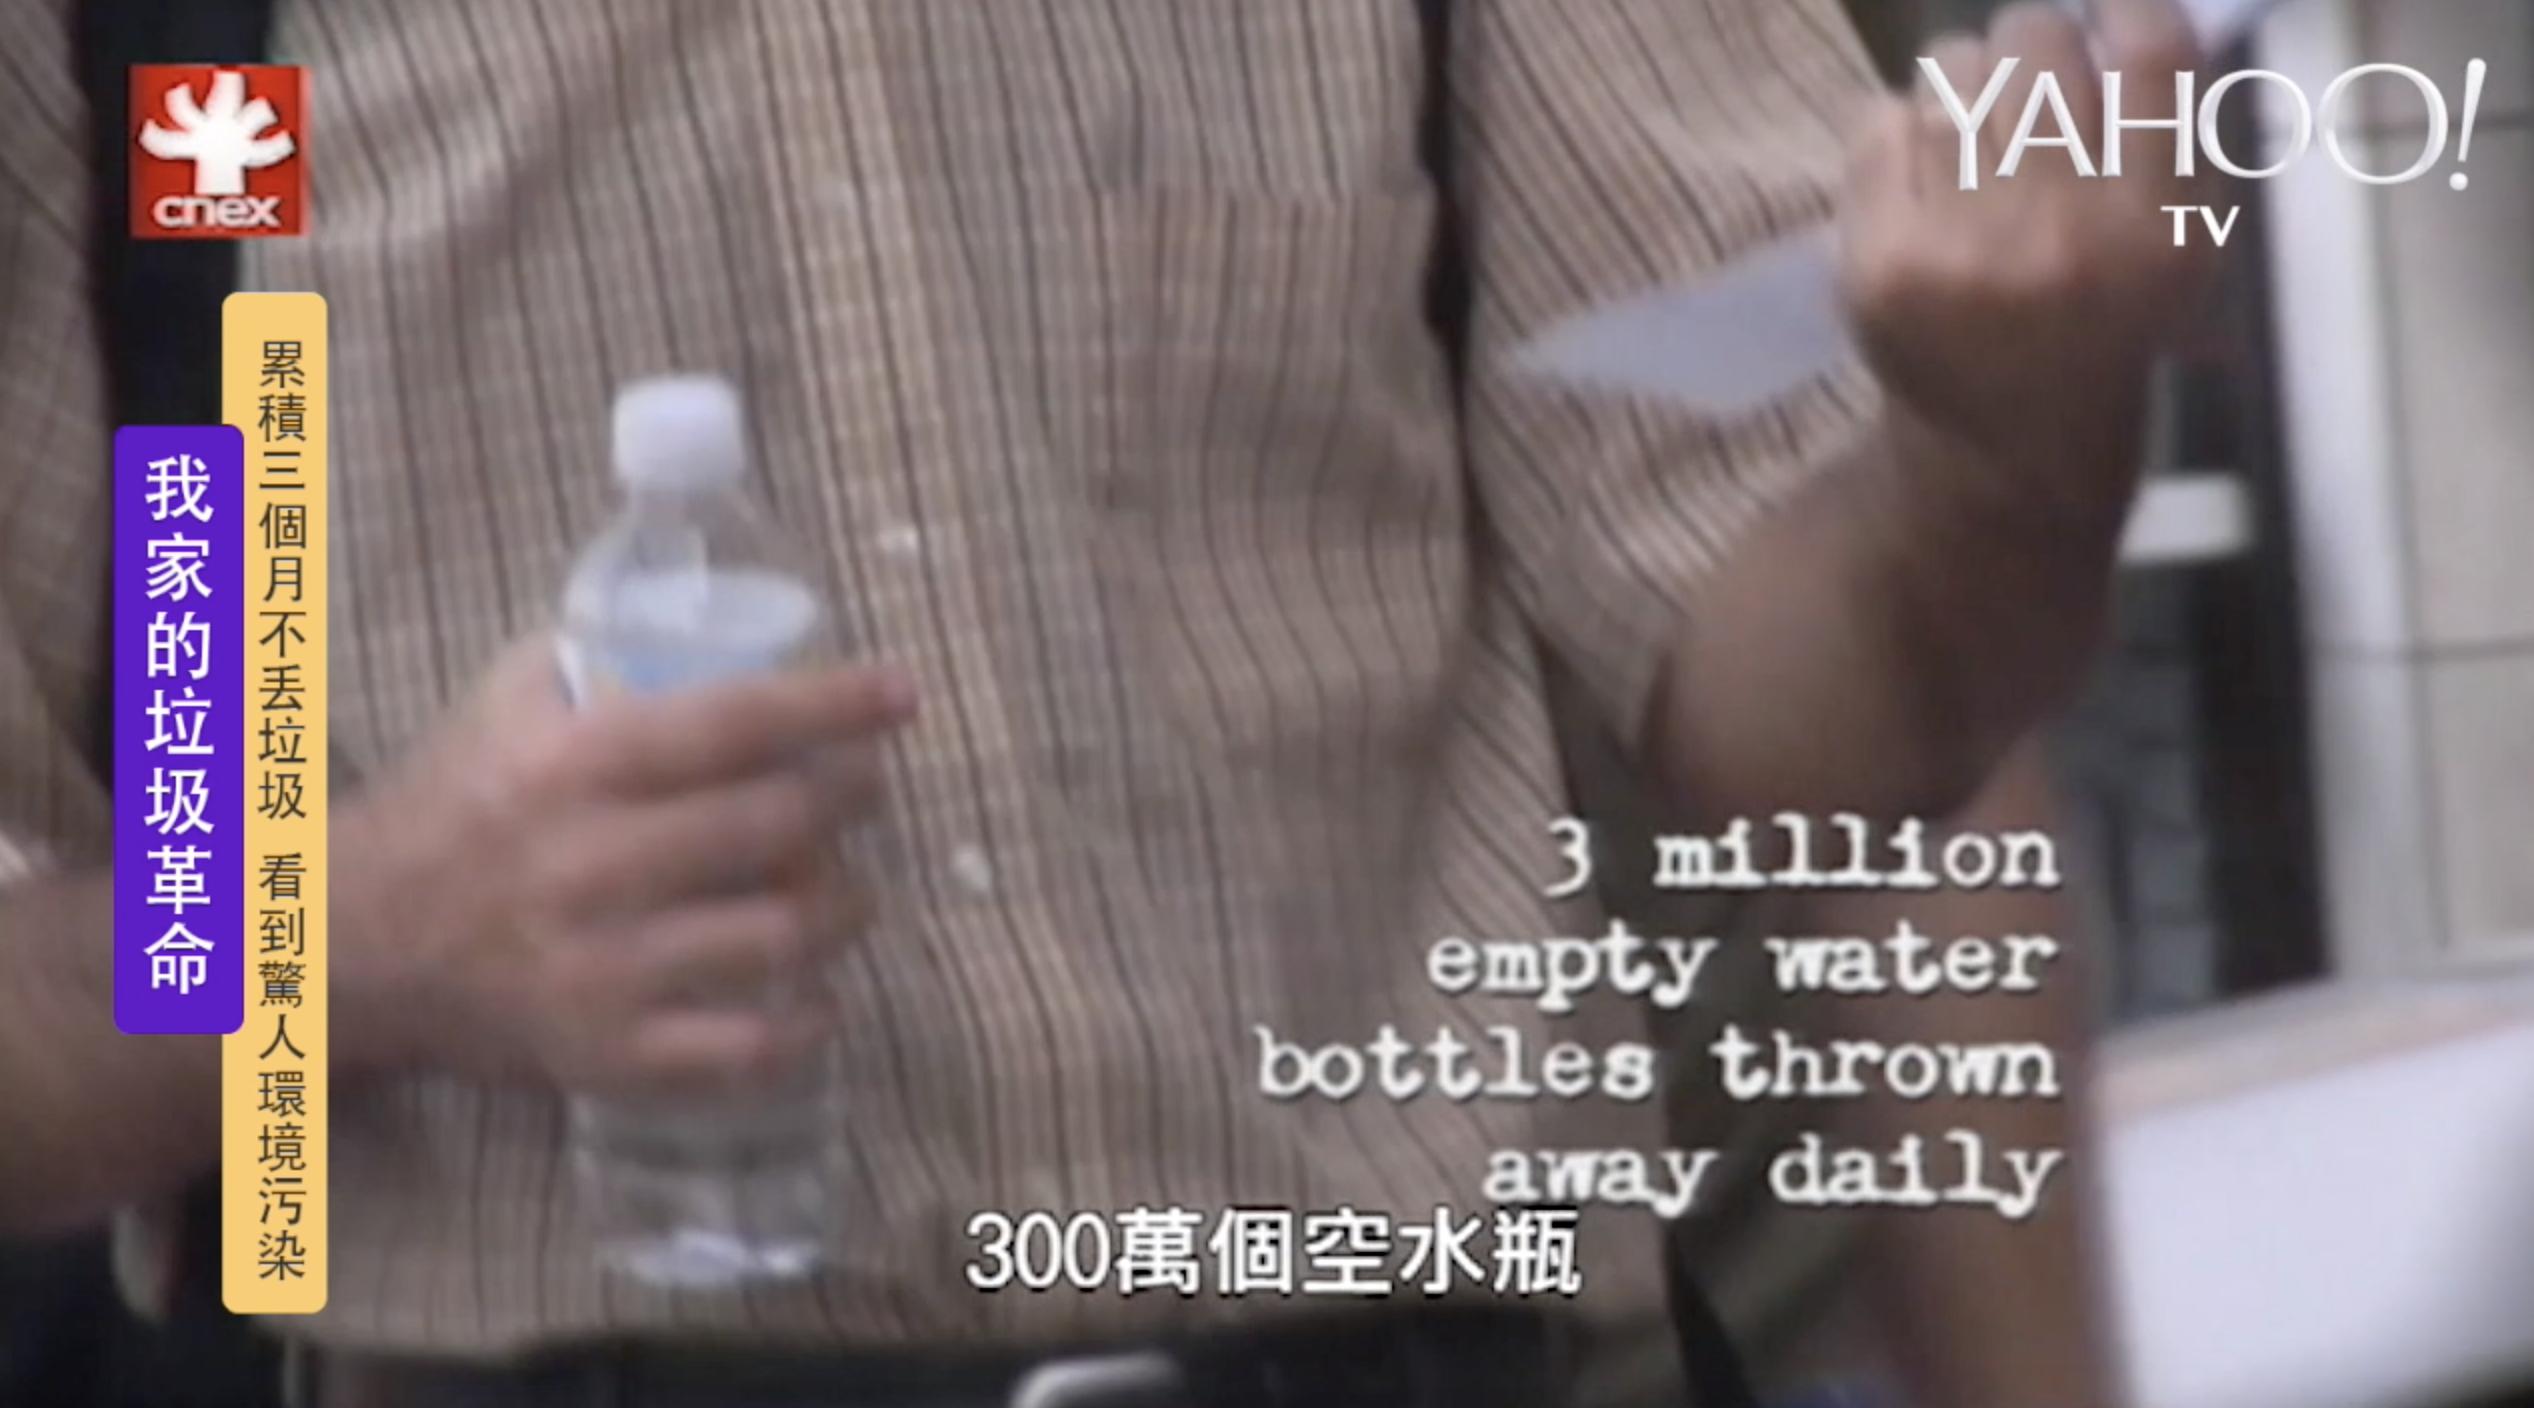 美國垃圾製造量驚人 加州每天丟300萬個寶特瓶